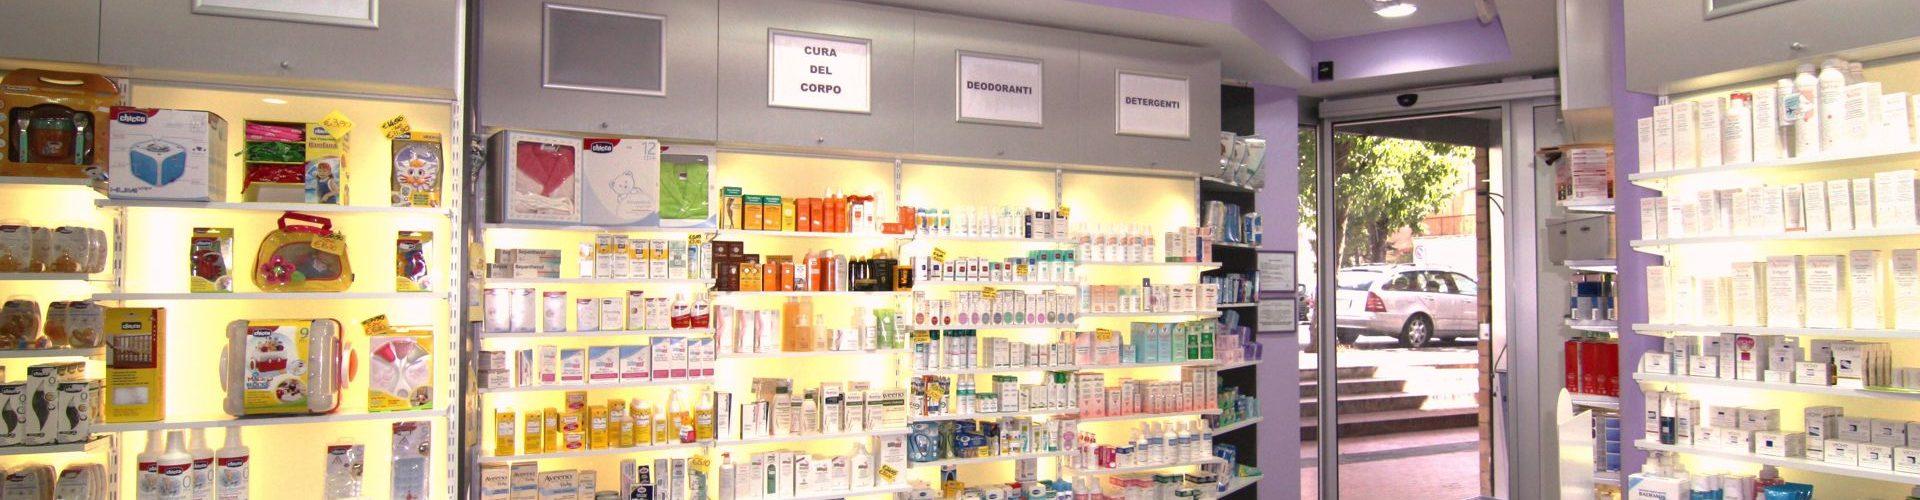 farmacia_kemeia1